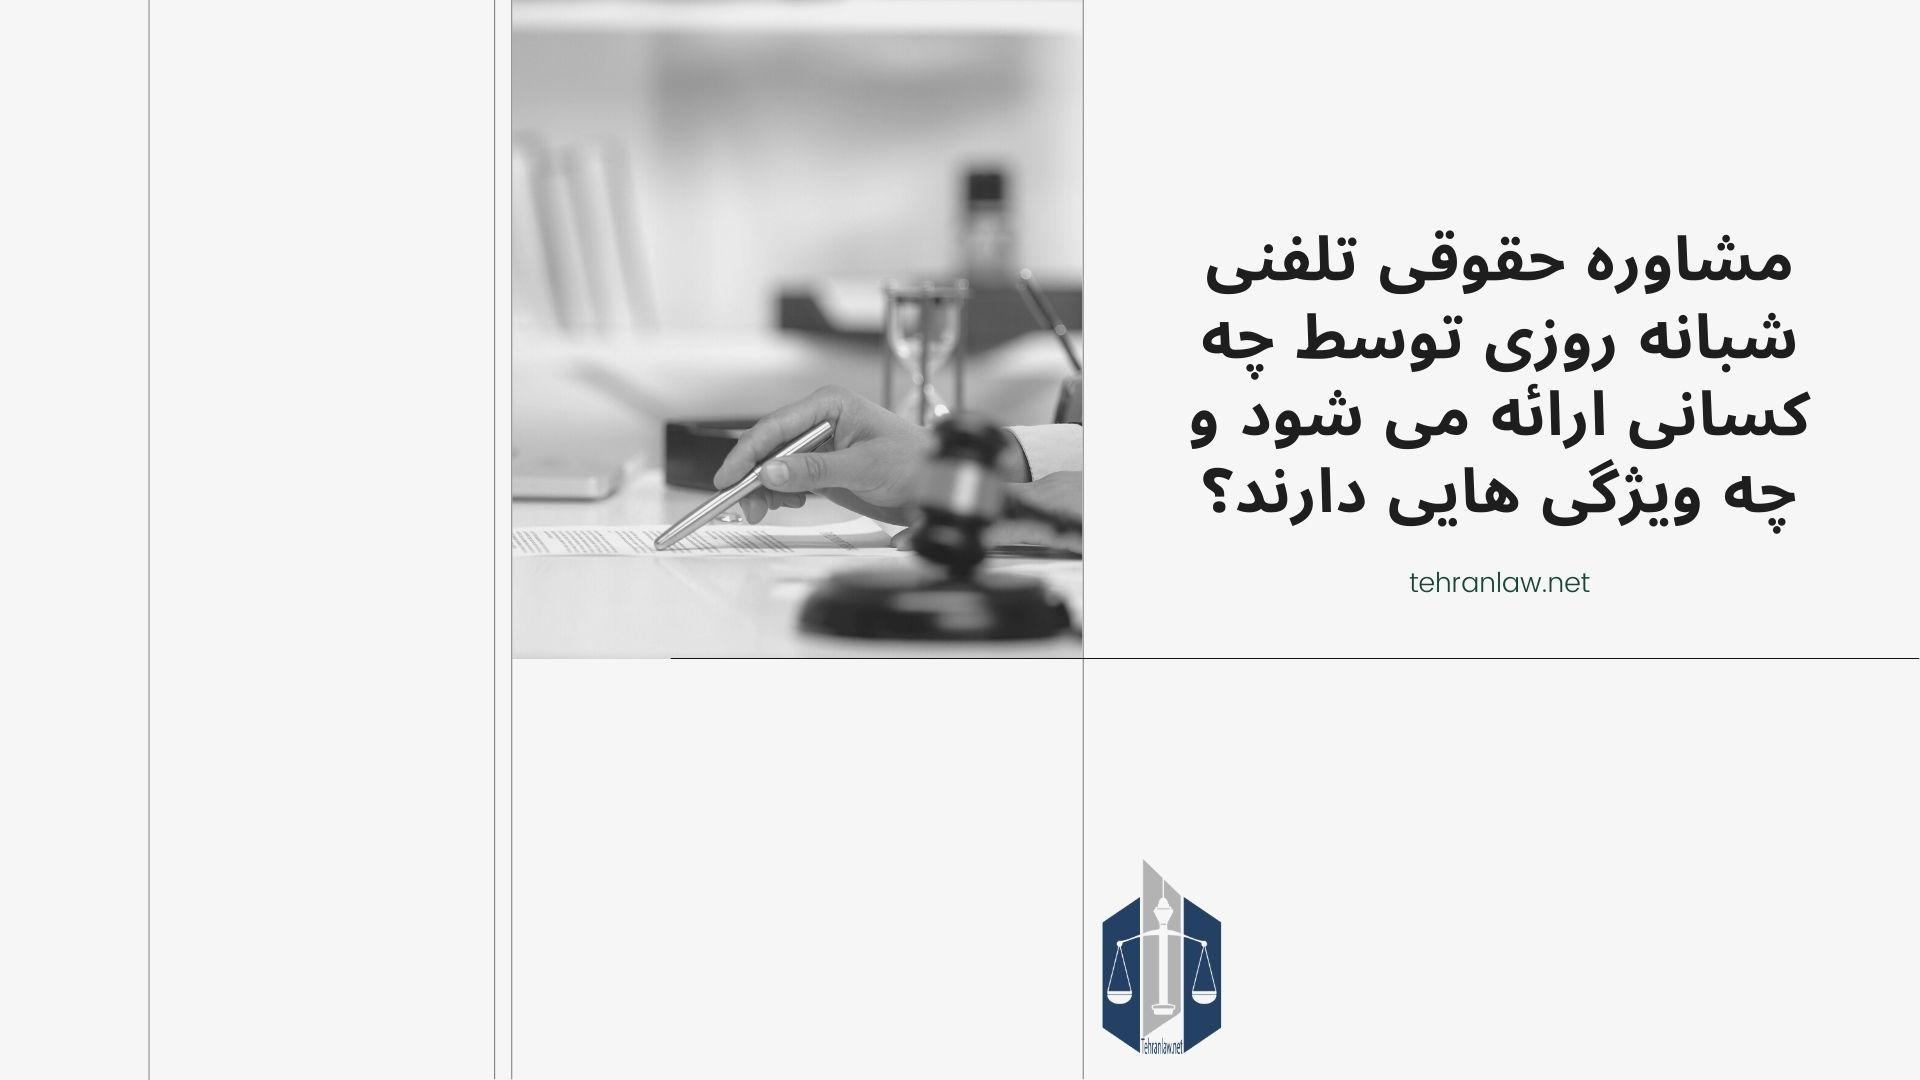 مشاوره حقوقی تلفنی شبانه روزی توسط چه کسانی ارائه می شود و چه ویژگی هایی دارند؟